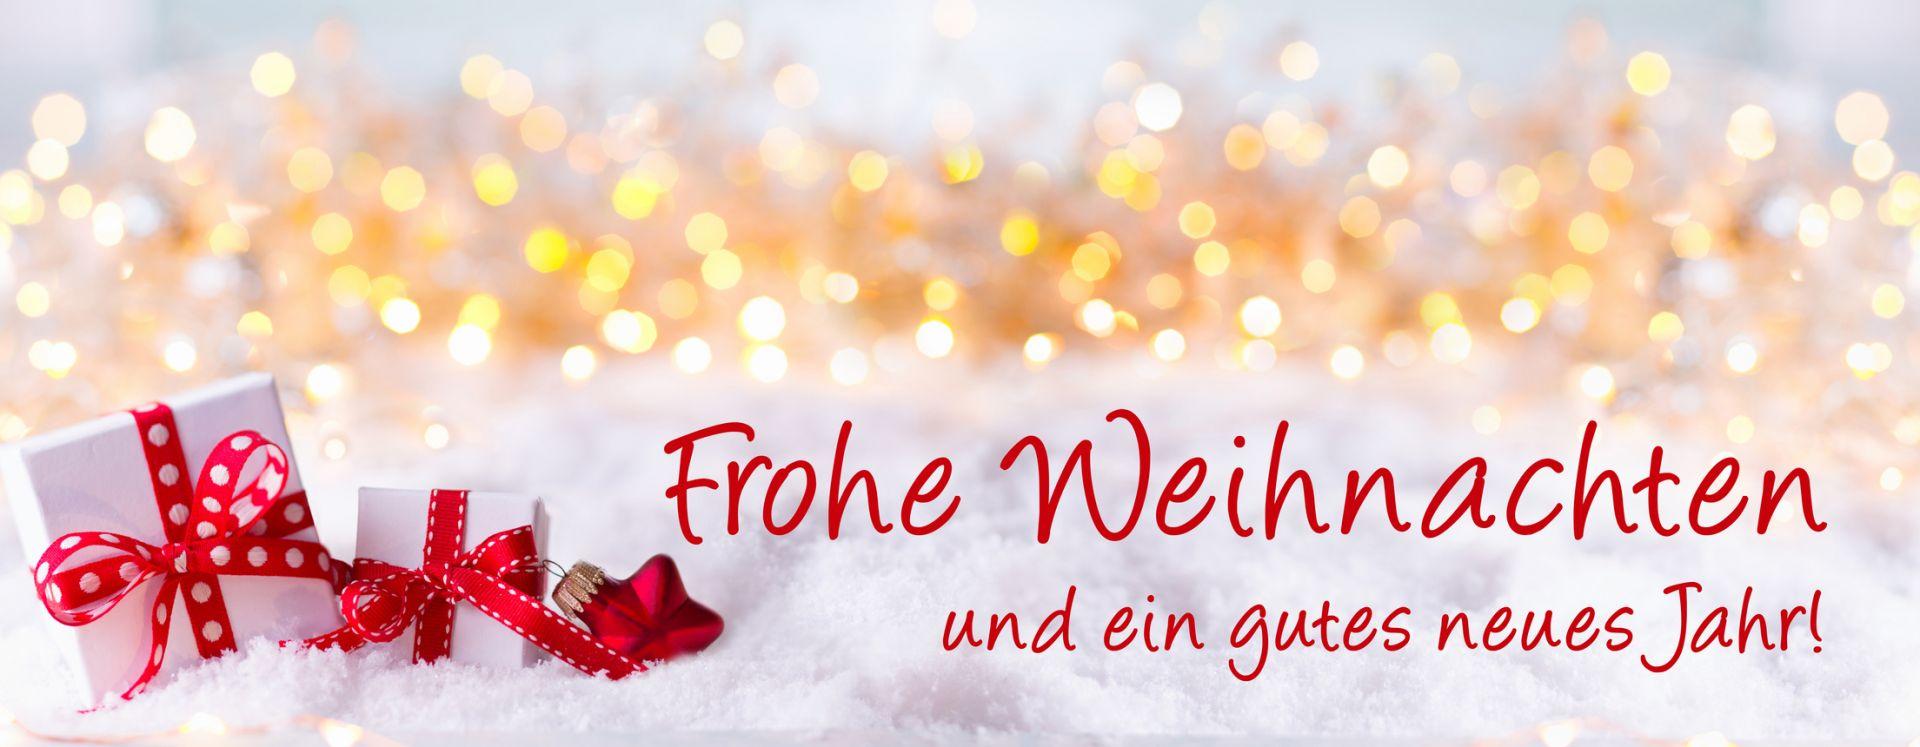 Weihnachts-und Neujahrsgrüße